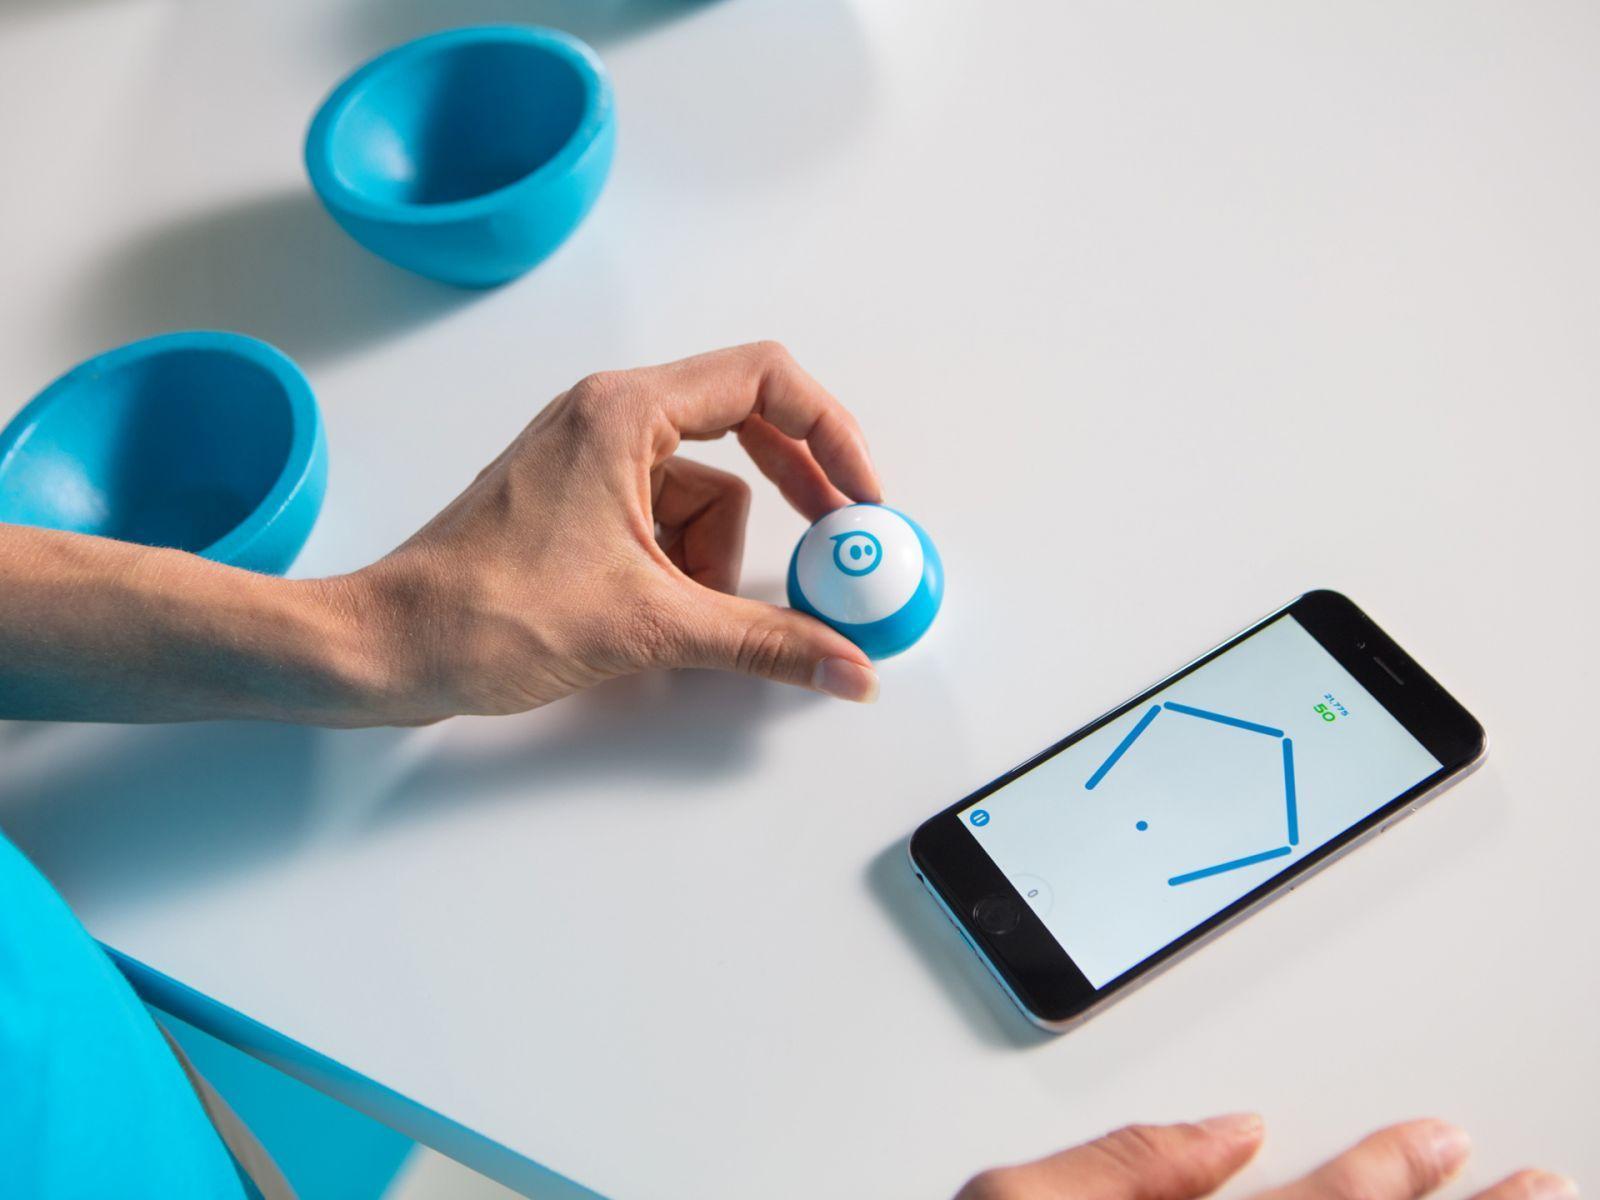 Устройства для работы и отдыха во время самоизоляции (sphero mini)